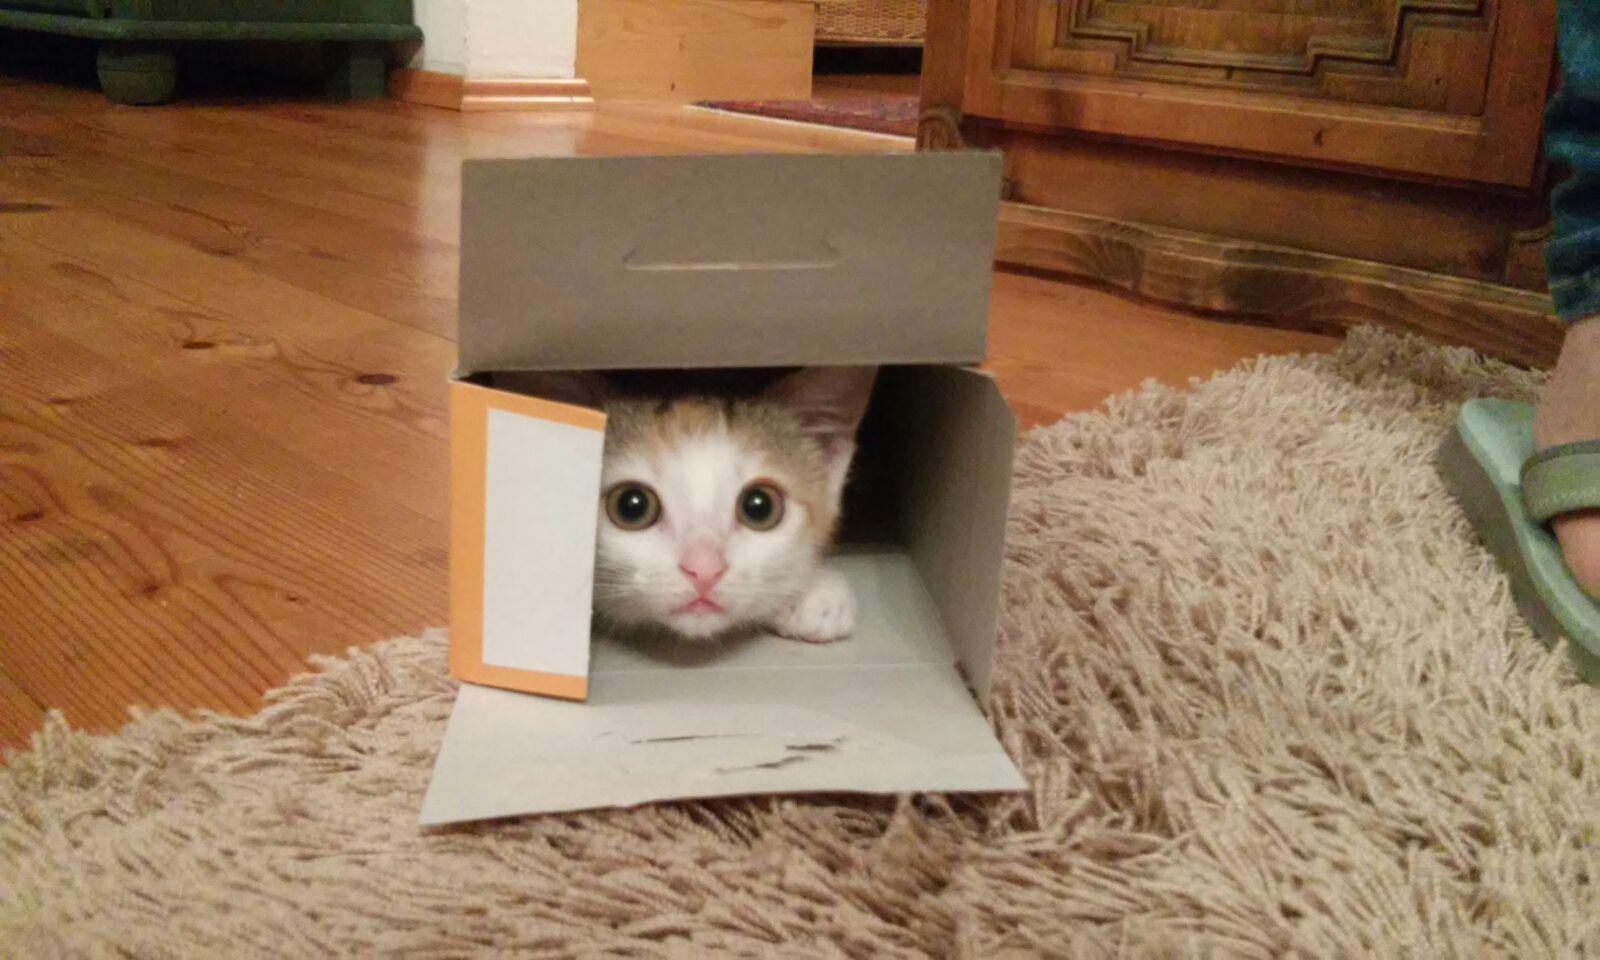 Zwutschgerl, nun Baileys - eine Tochter von unserer scheuen Katzenmama Minki